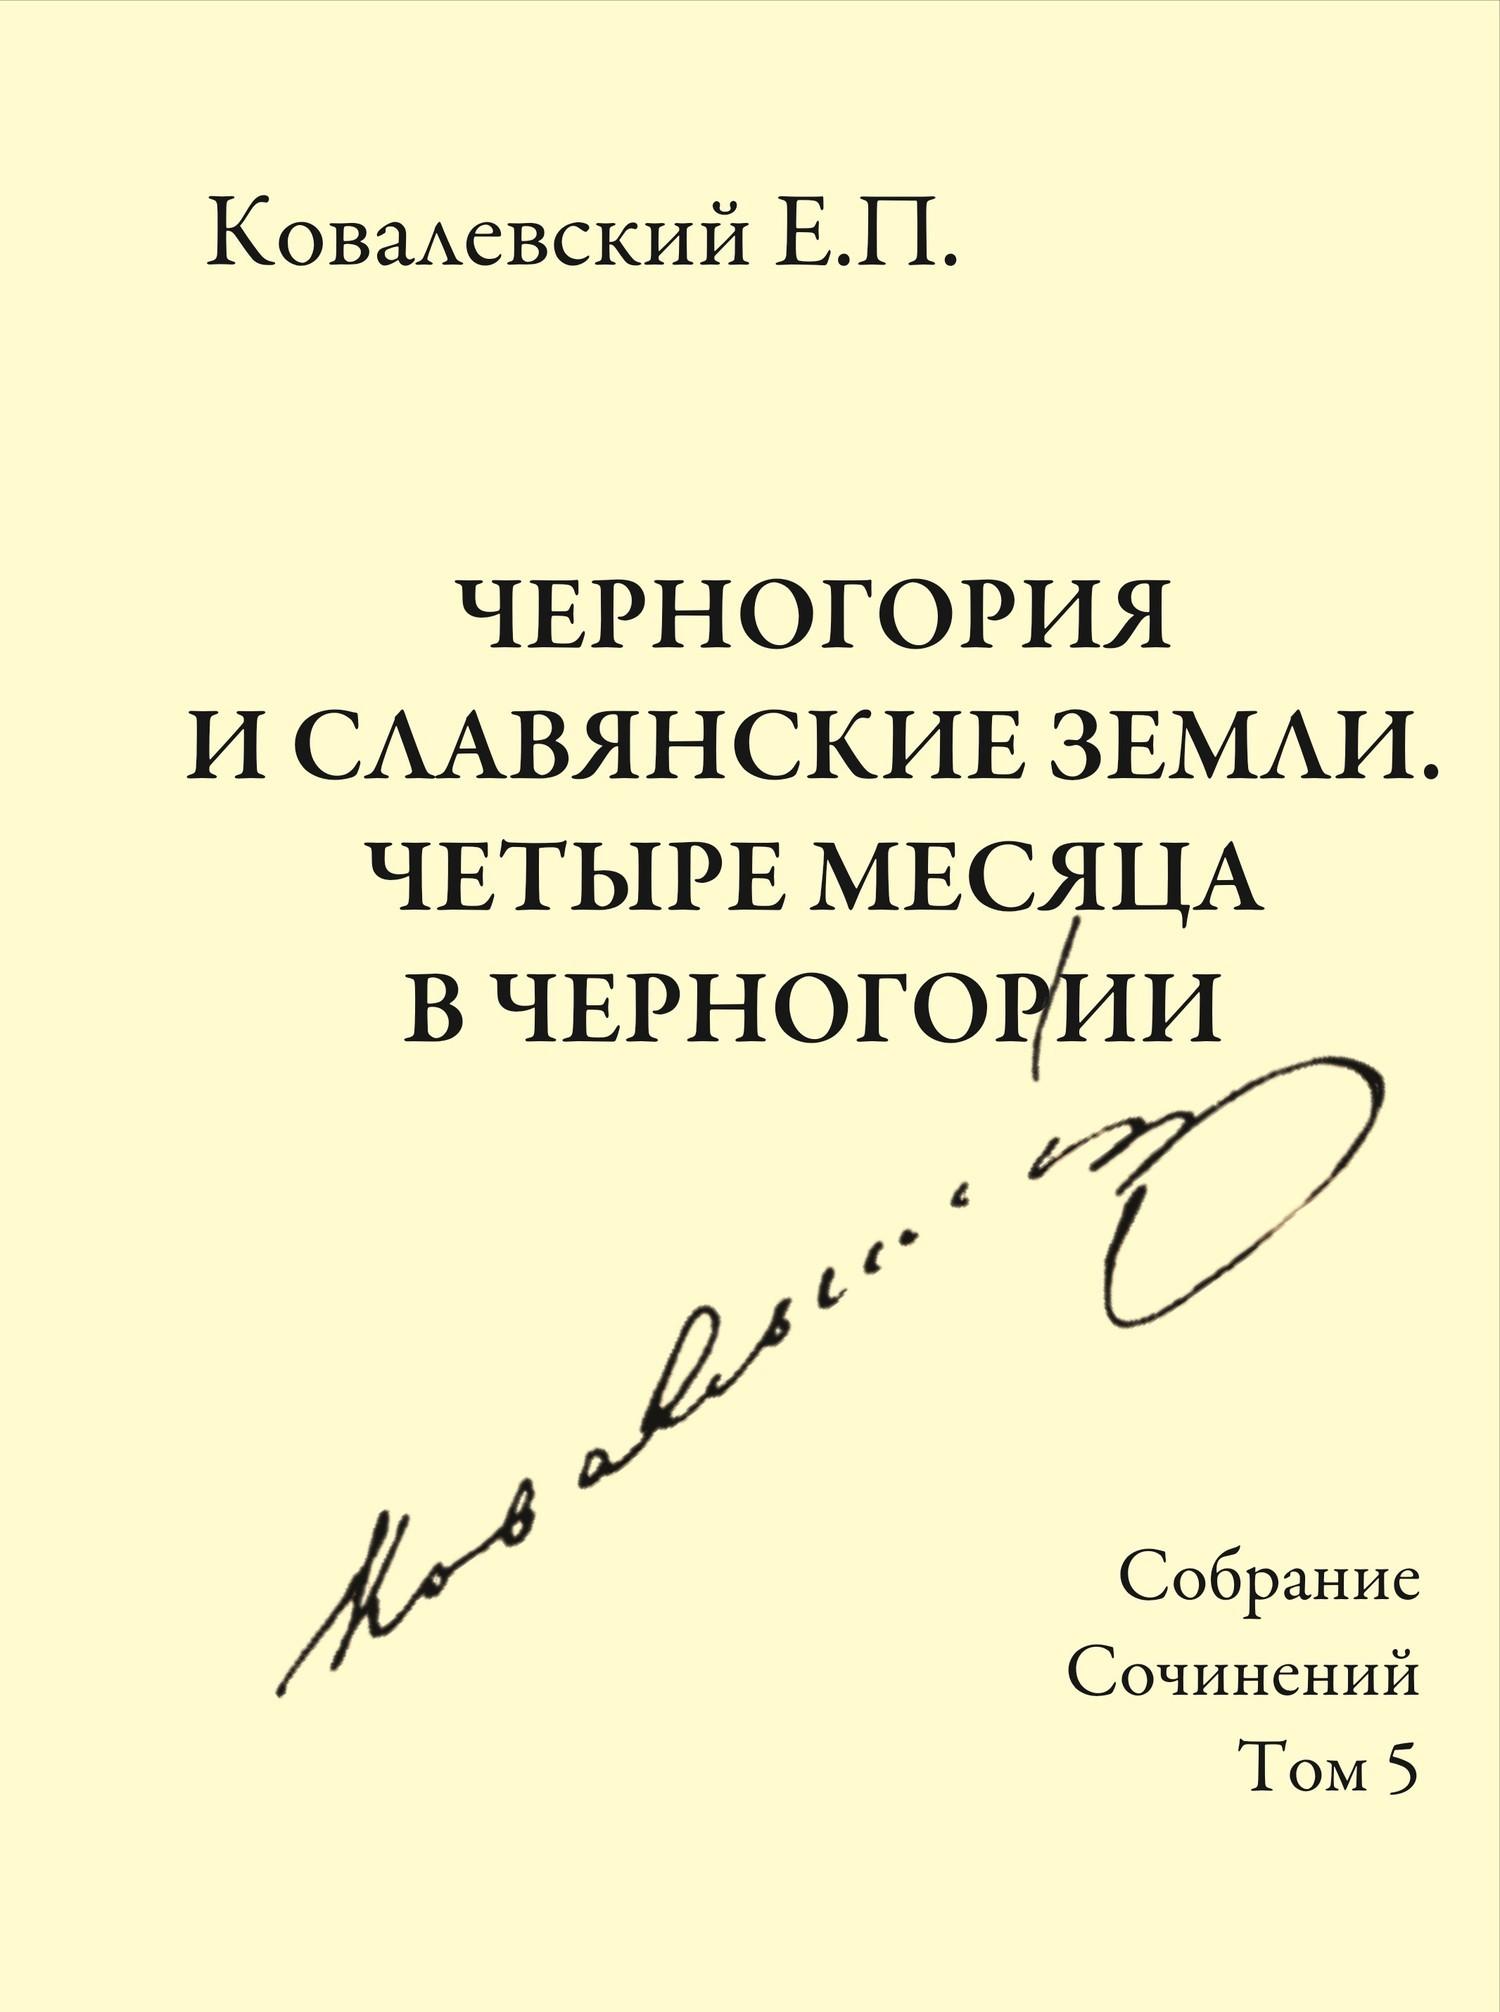 Собрание сочинений. Том 5. Черногория и славянские земли. Четыре месяца в Черногории.